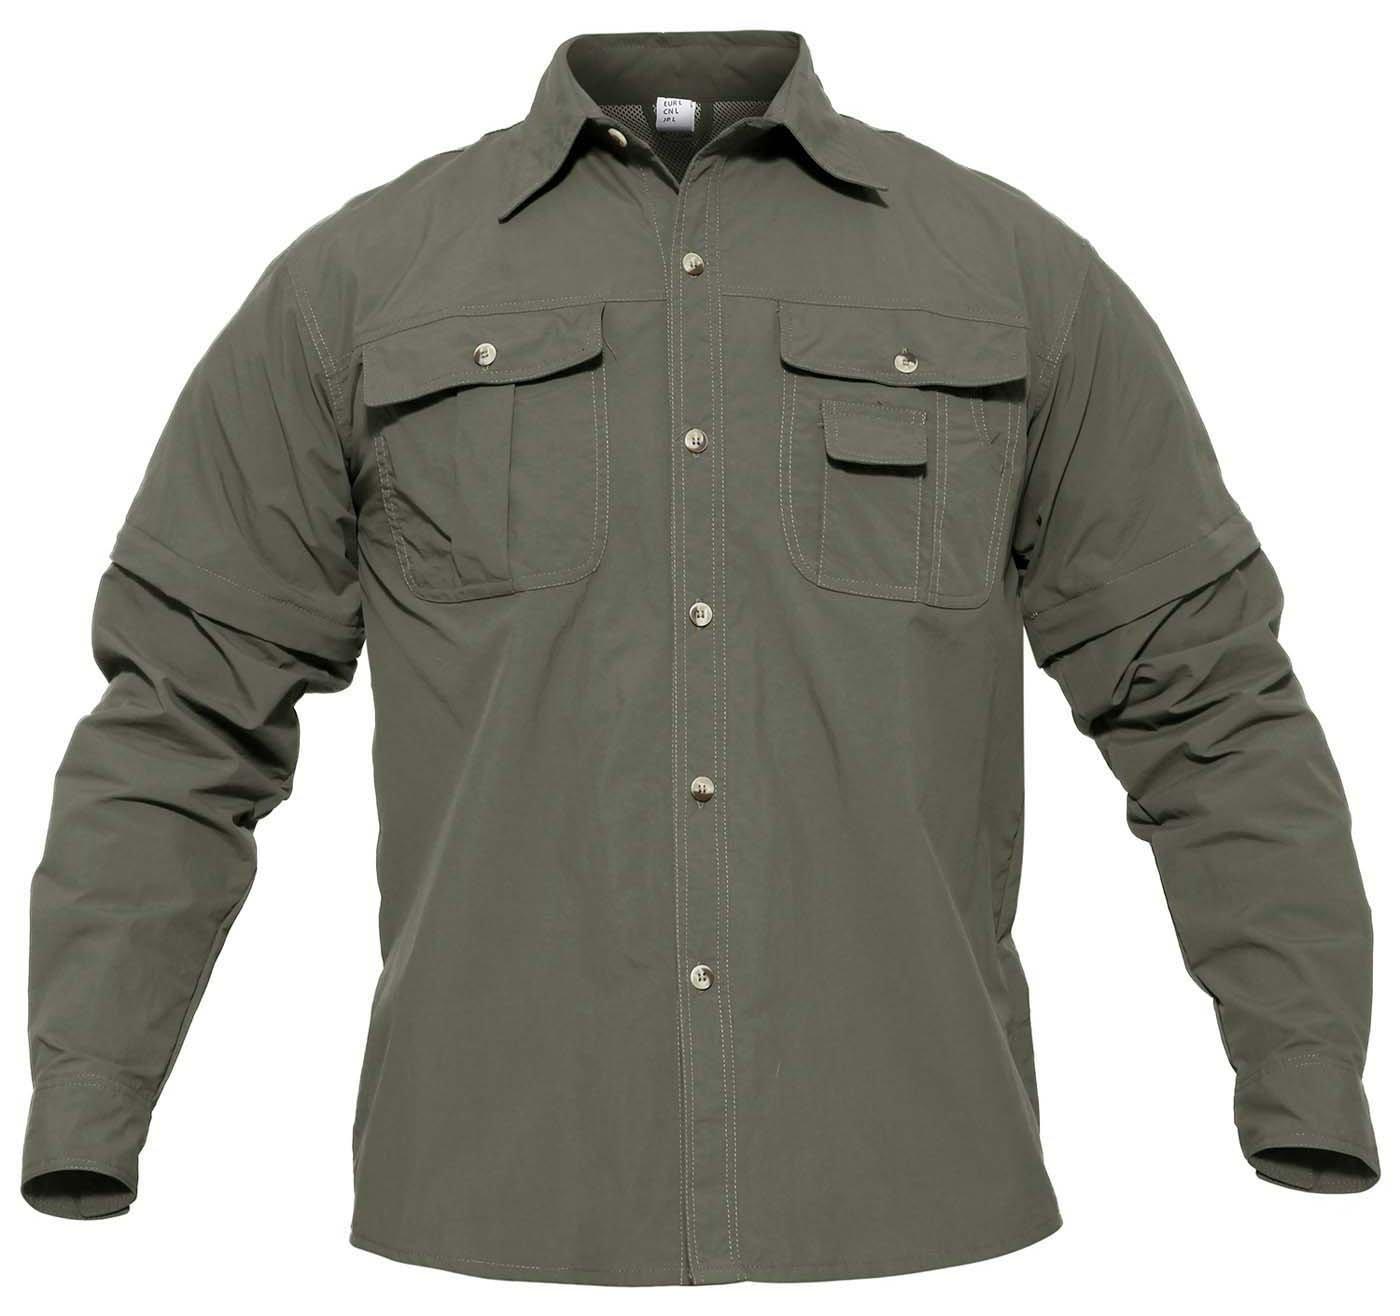 CRYSULLY Mens Convertible Shirt Hiking Shirts Tactical Quick Drying Thin Breathable Shirts for Spring Summer Army Green